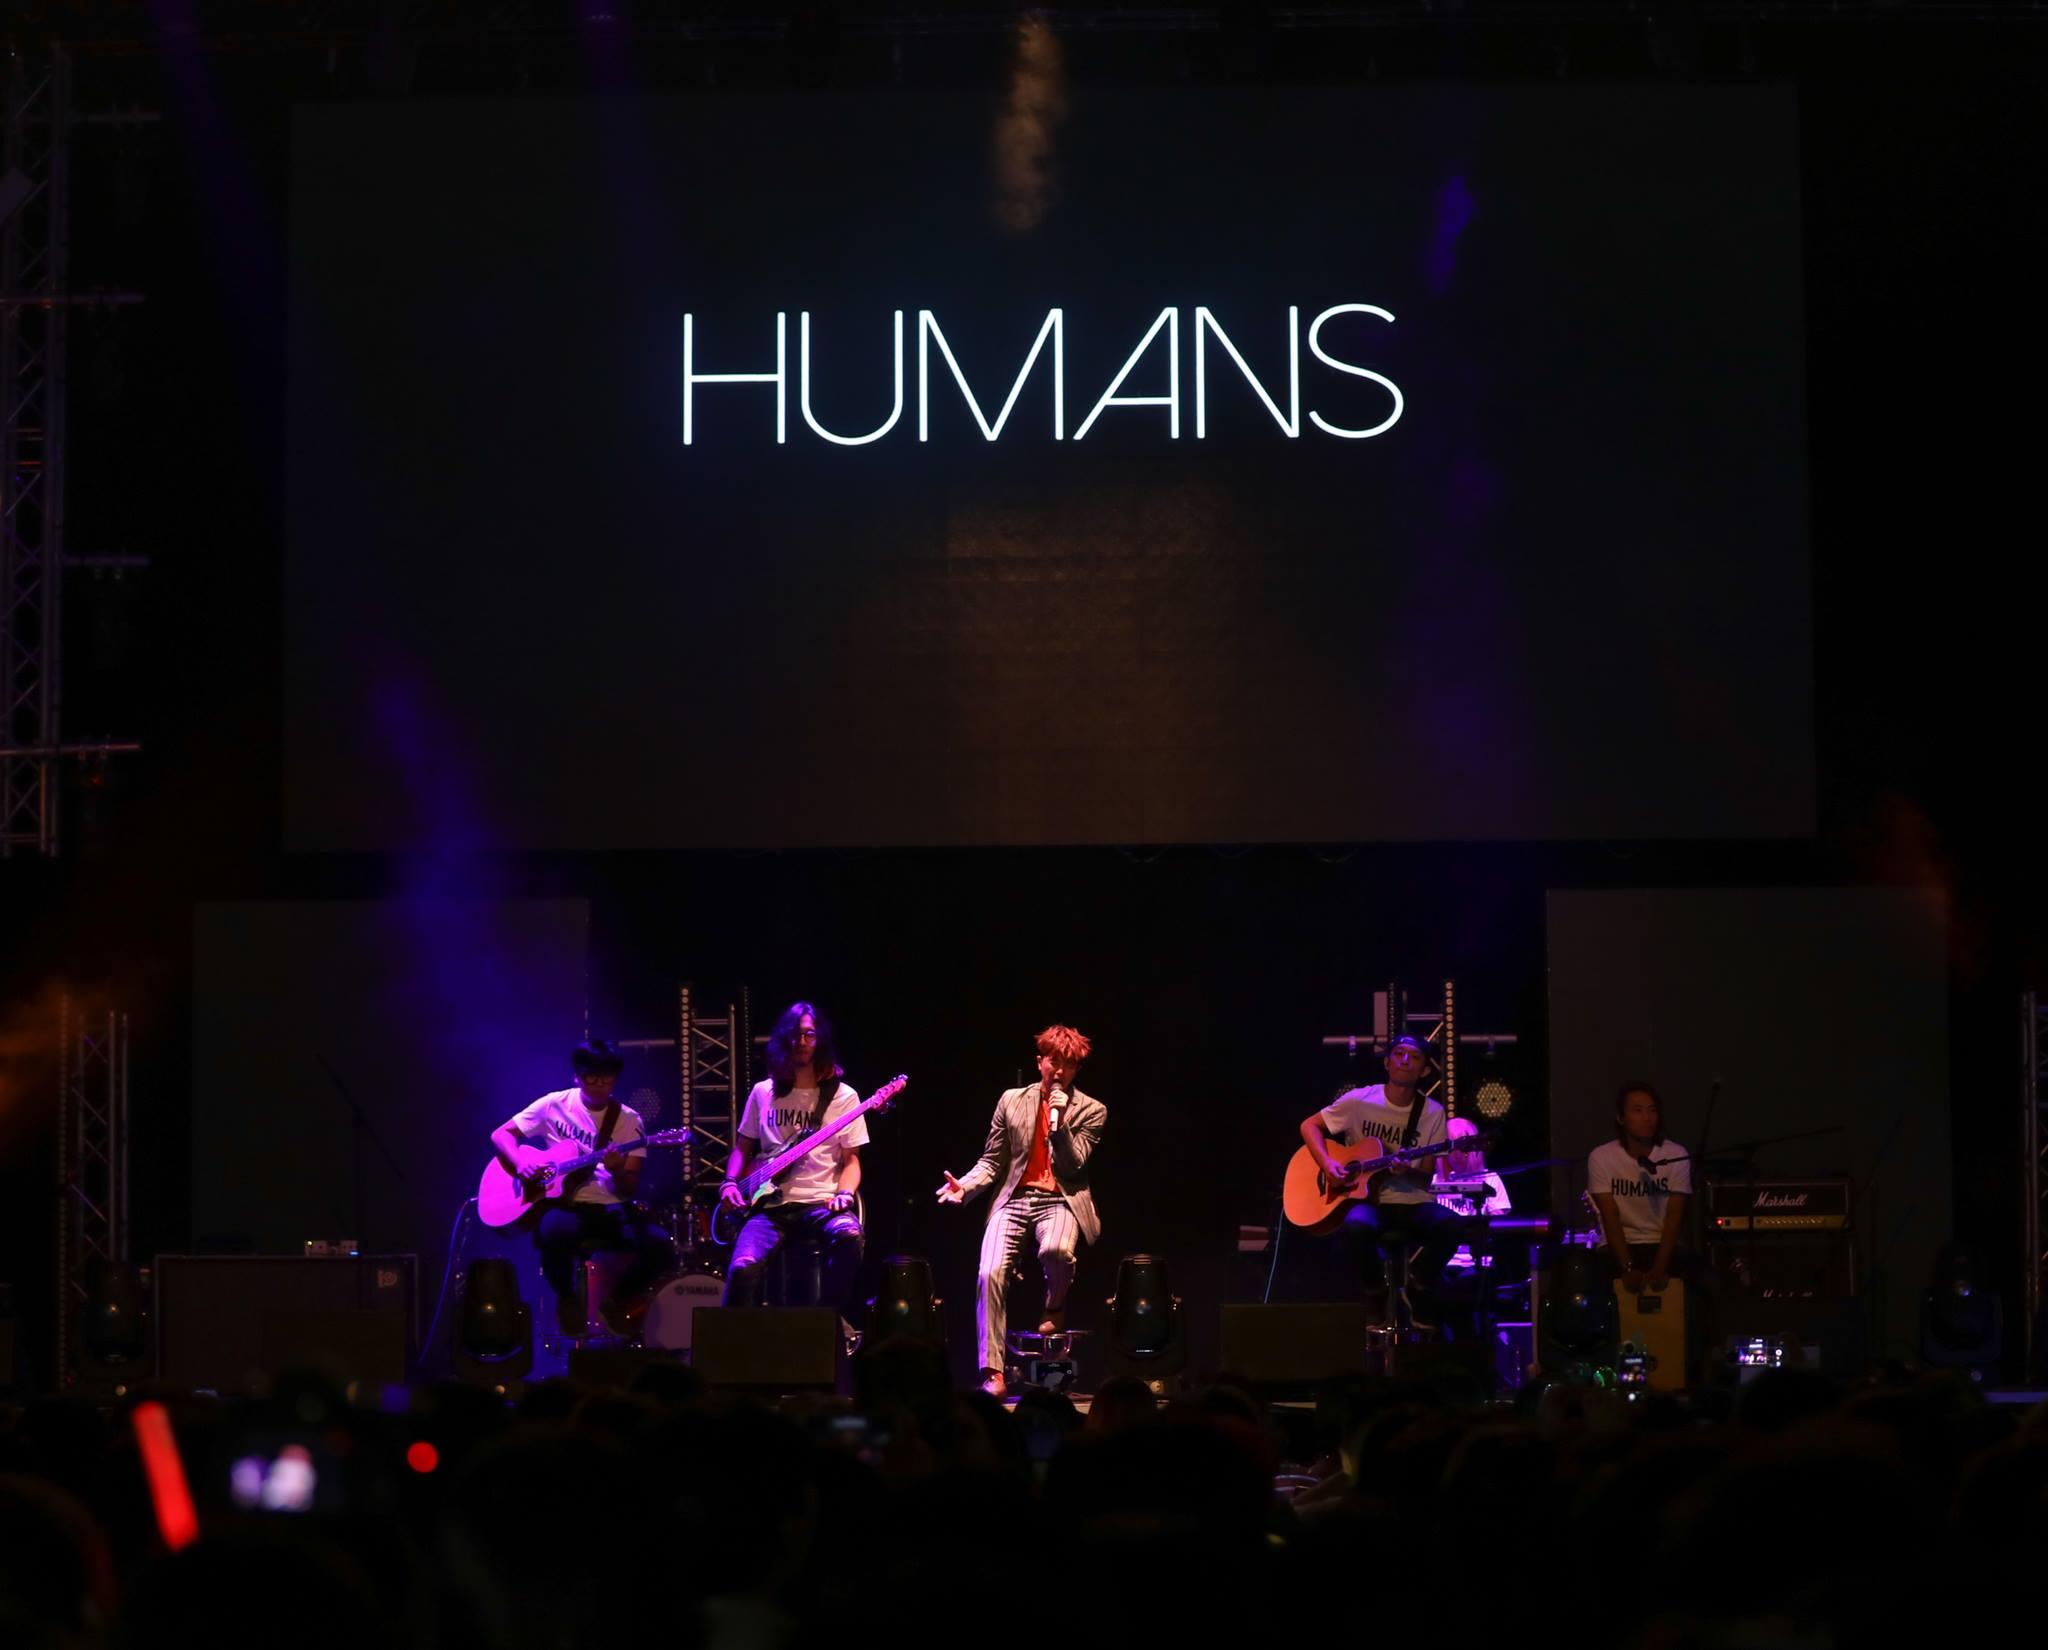 小鬼2018年於香港麥花臣場館舉行《HUMANS》演唱會